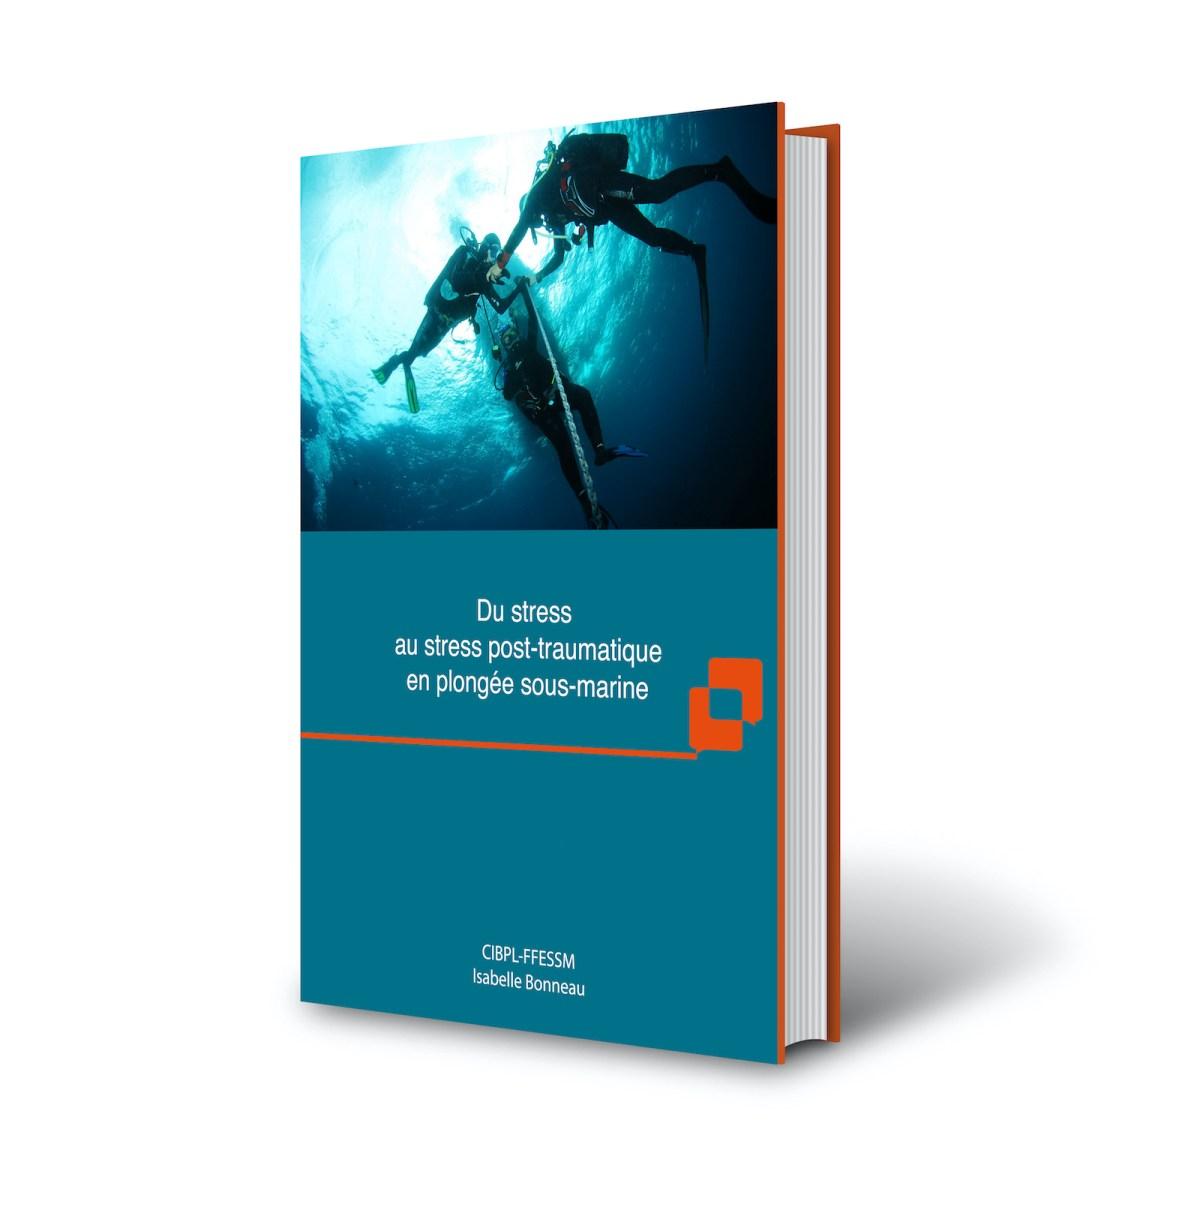 Le livre sur le stress et le stress post-traumatique en plongée